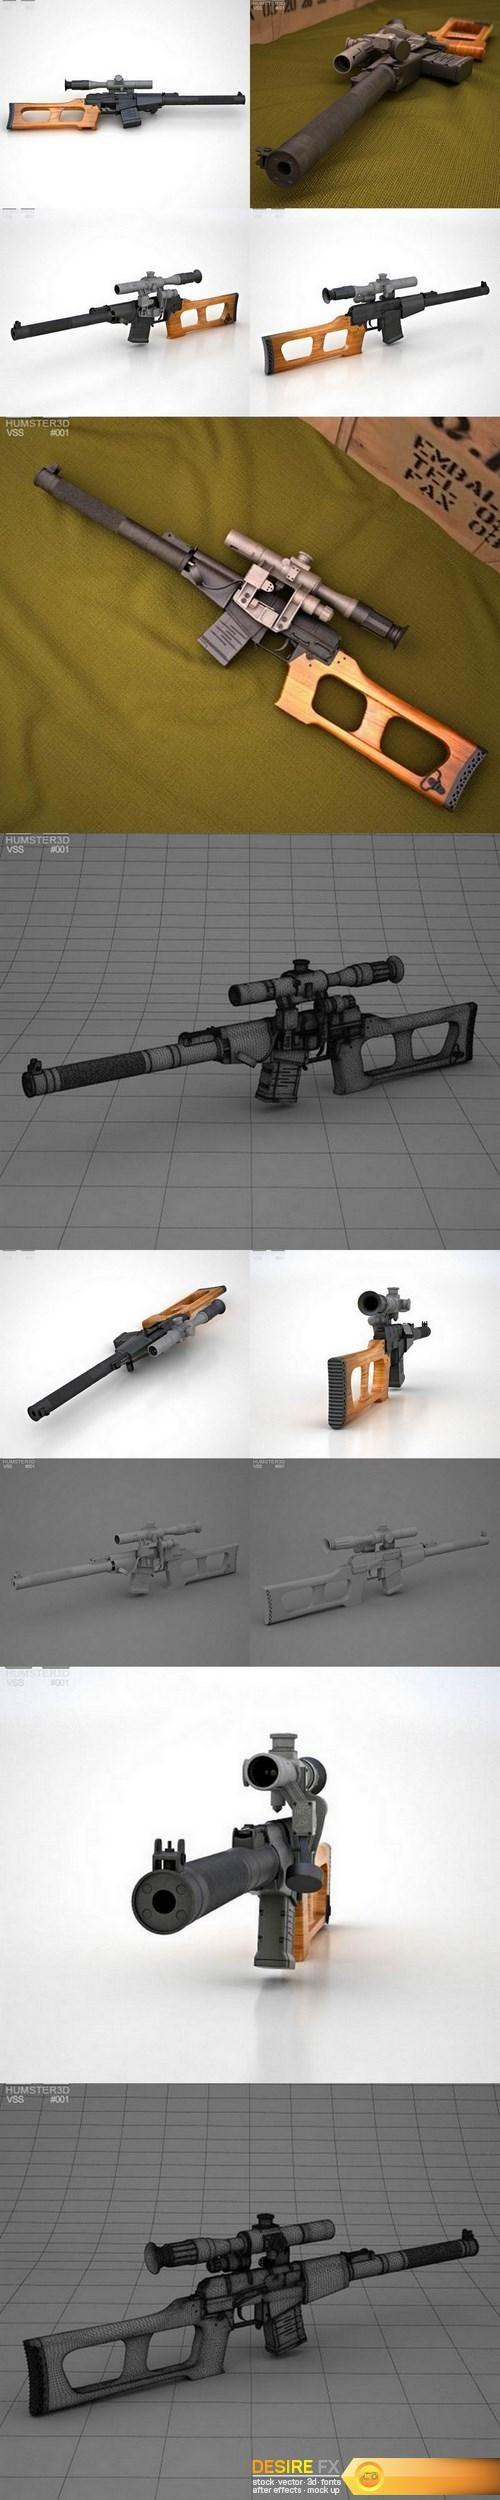 VSS Vintorez 3D model  http://www.desirefx.me/vss-vintorez-3d-model/